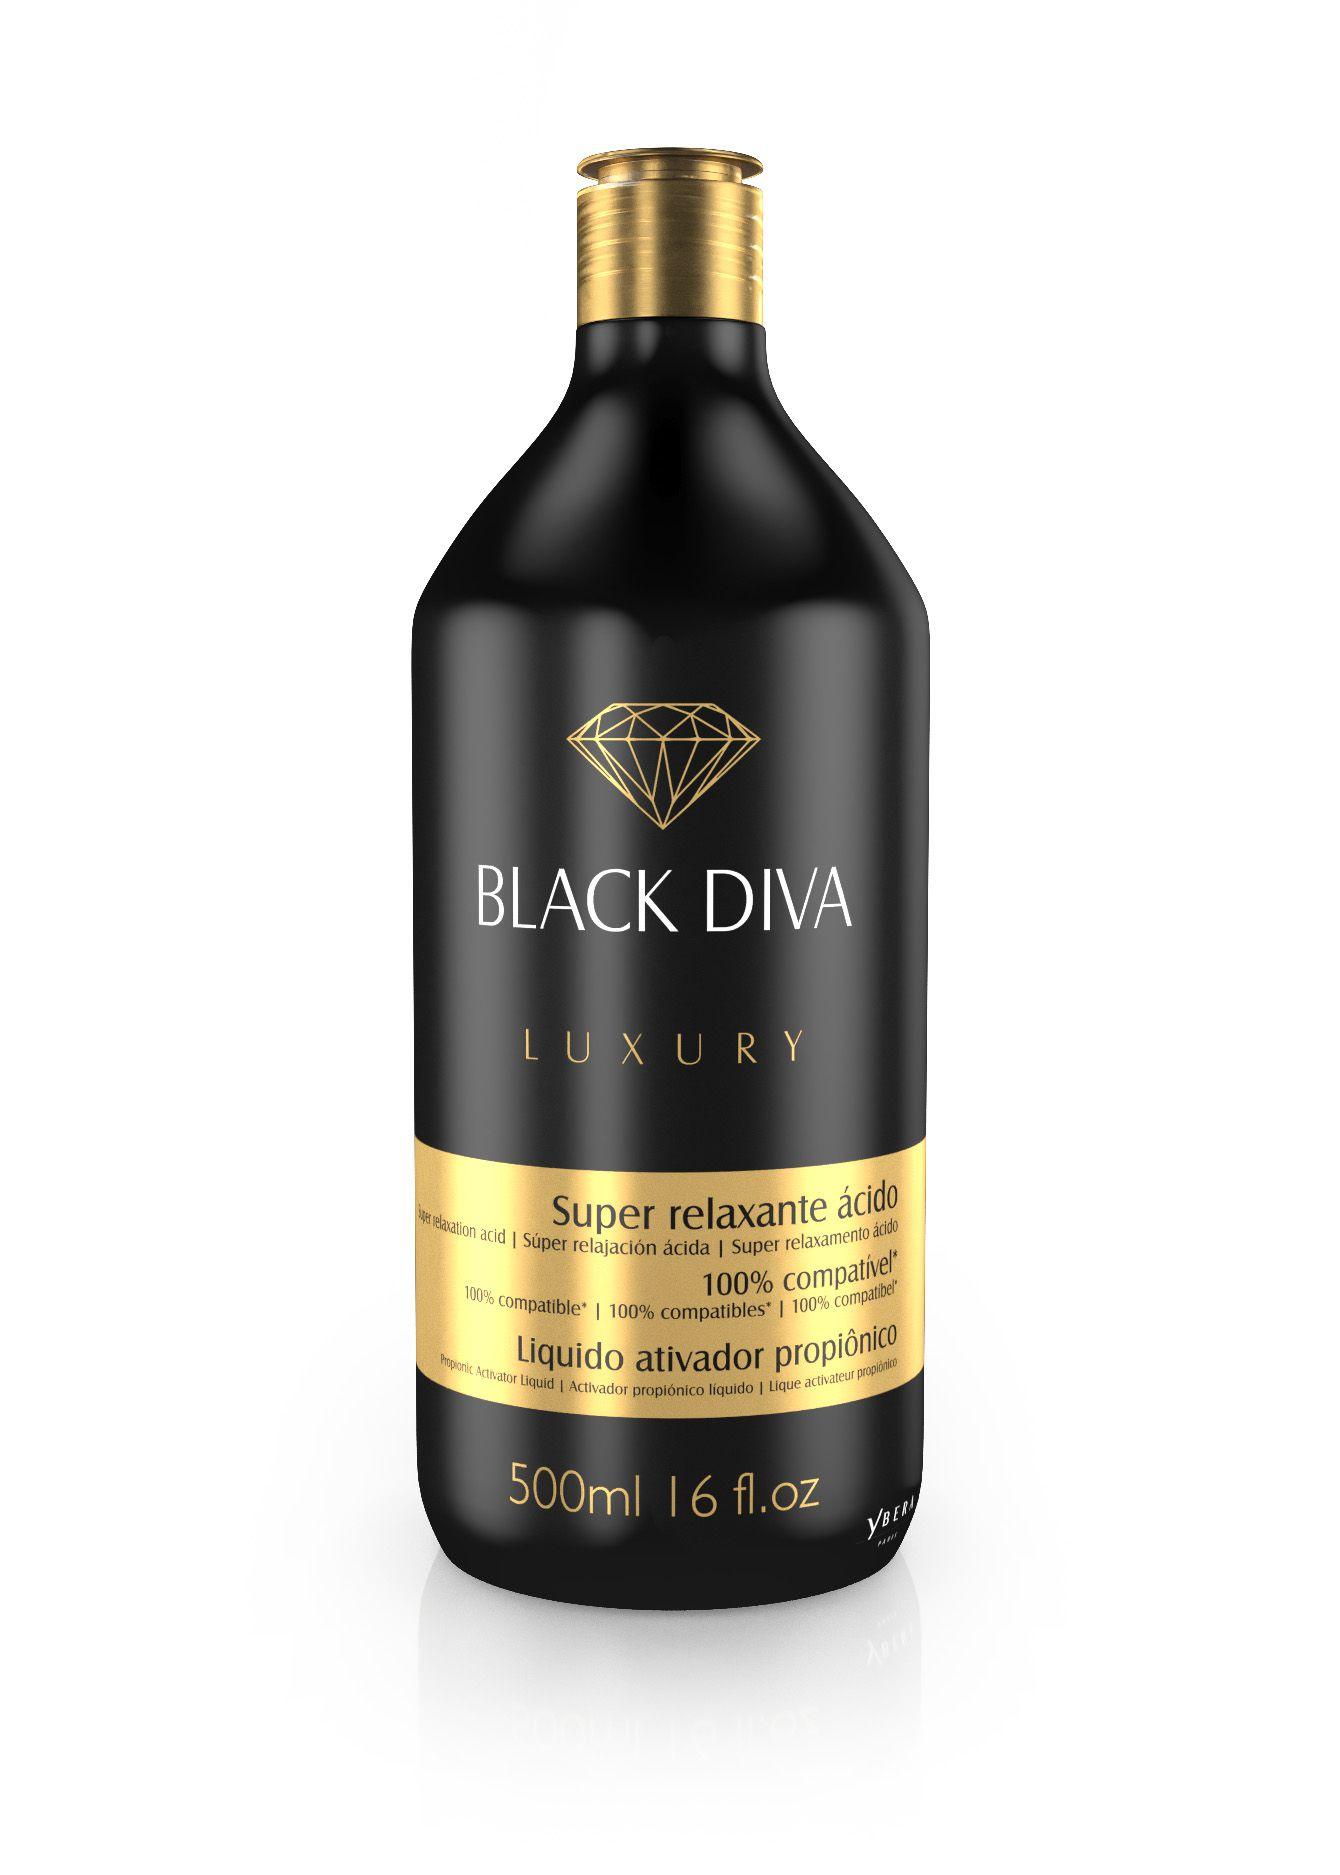 LIQUIDO ATIVADOR PROPIÔNICO - BLACK DIVA (500 ML)